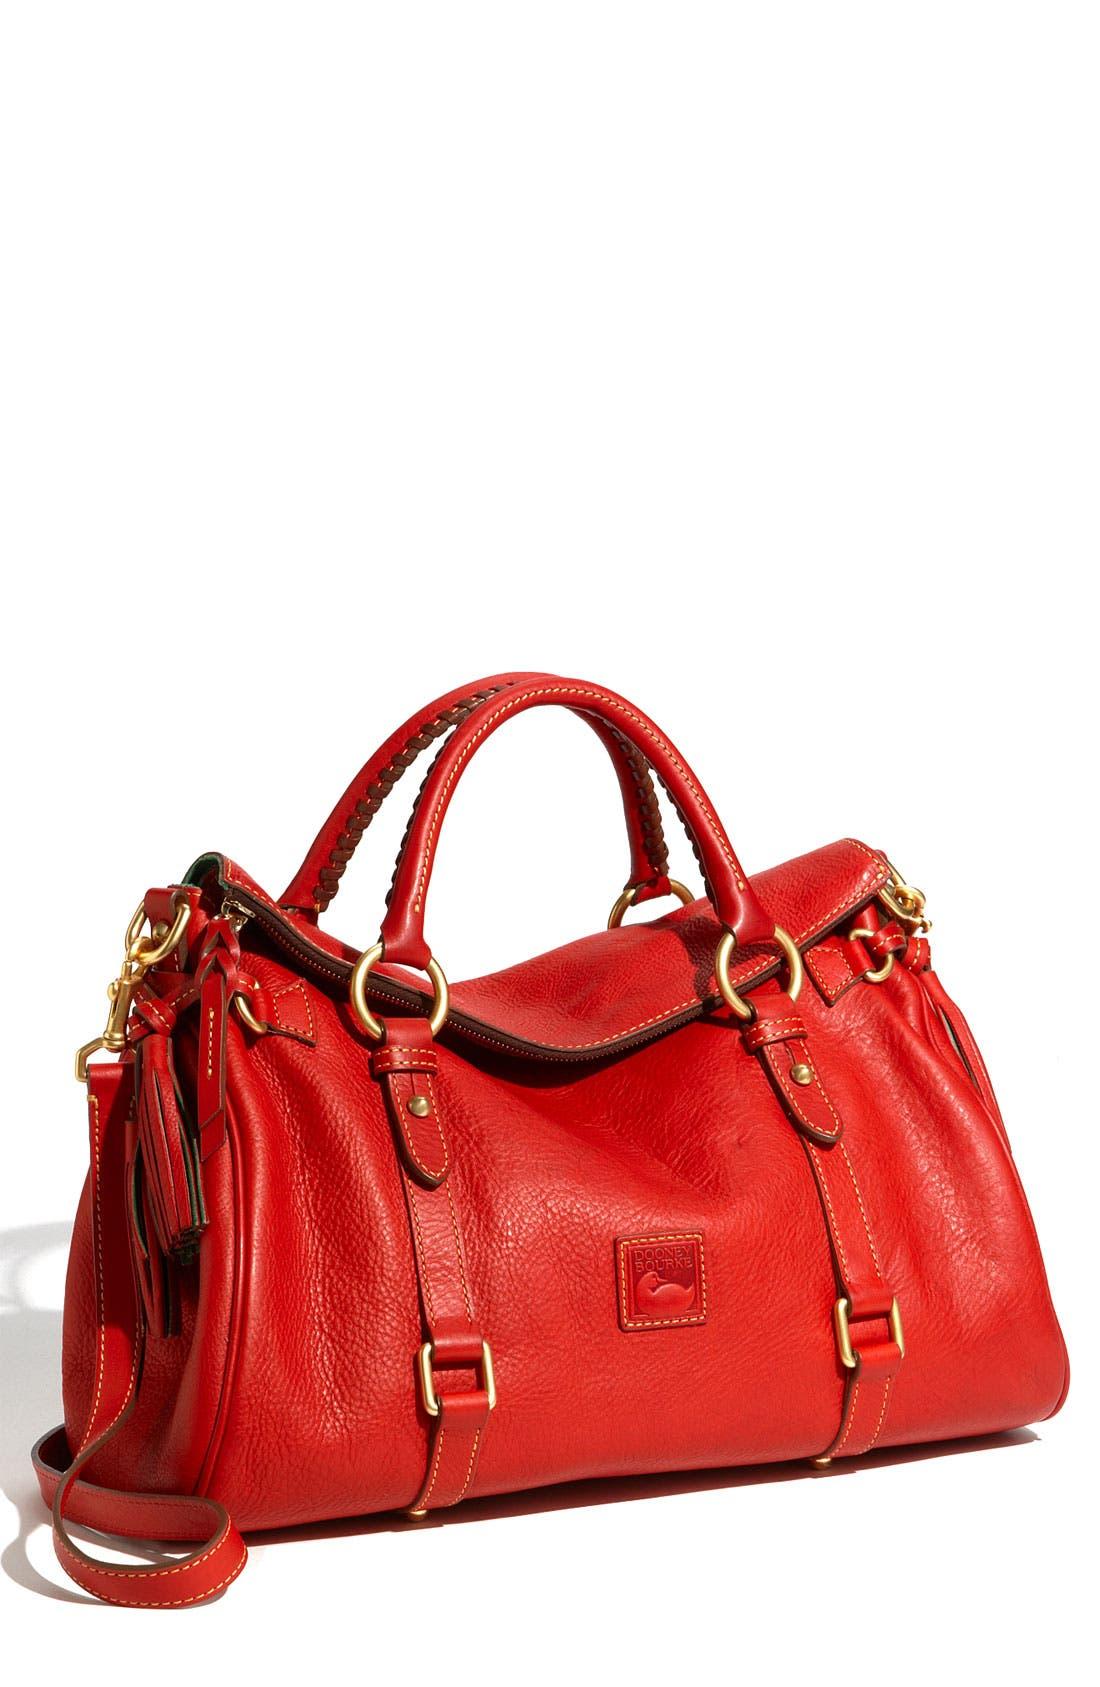 Main Image - Dooney & Bourke 'Florentine Collection' Vachetta Leather Satchel